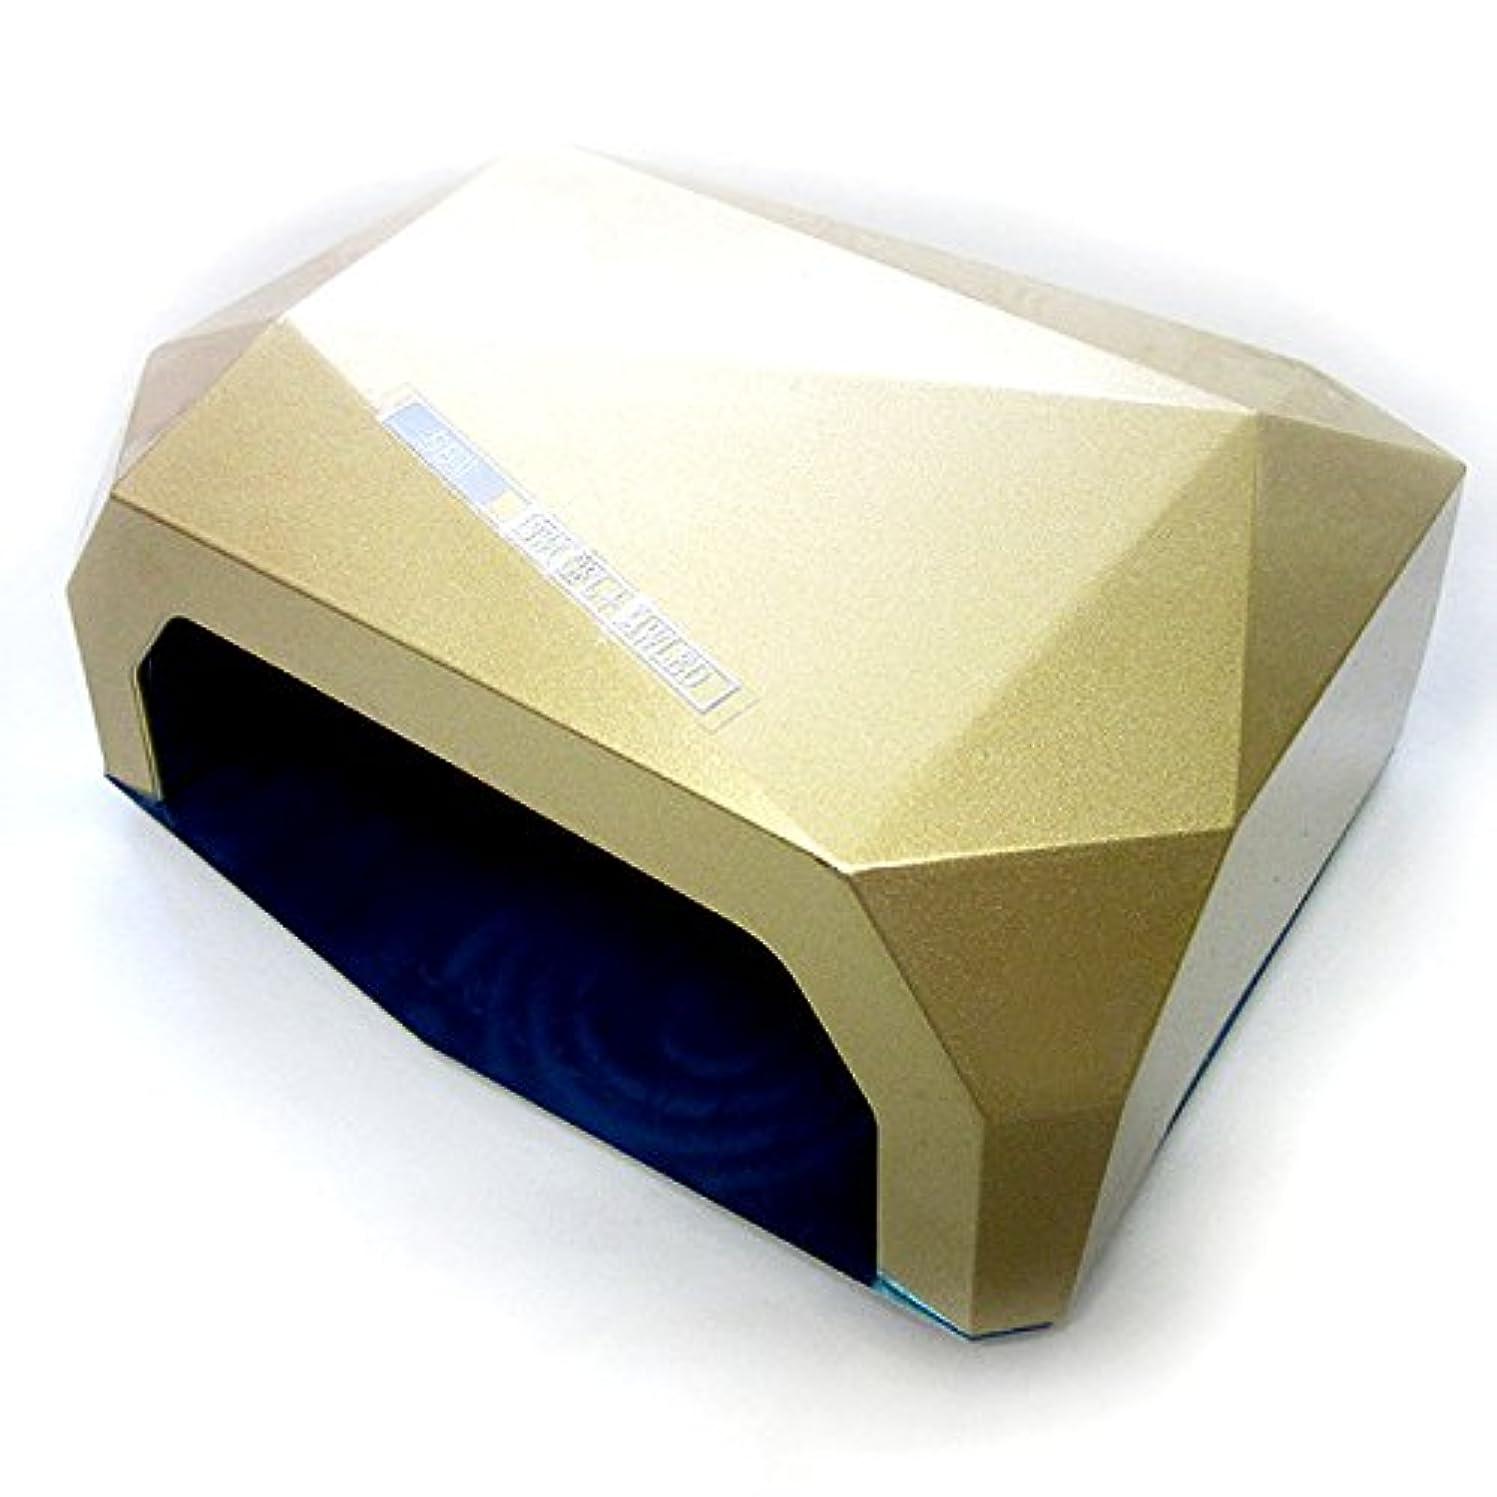 ボイド人生を作るキャビン【アウトレット品】 fairylace スーパー UVライト36W FL12W+LED24W ジェルネイル UVレジンクラフト用 本体カラー:ゴールド